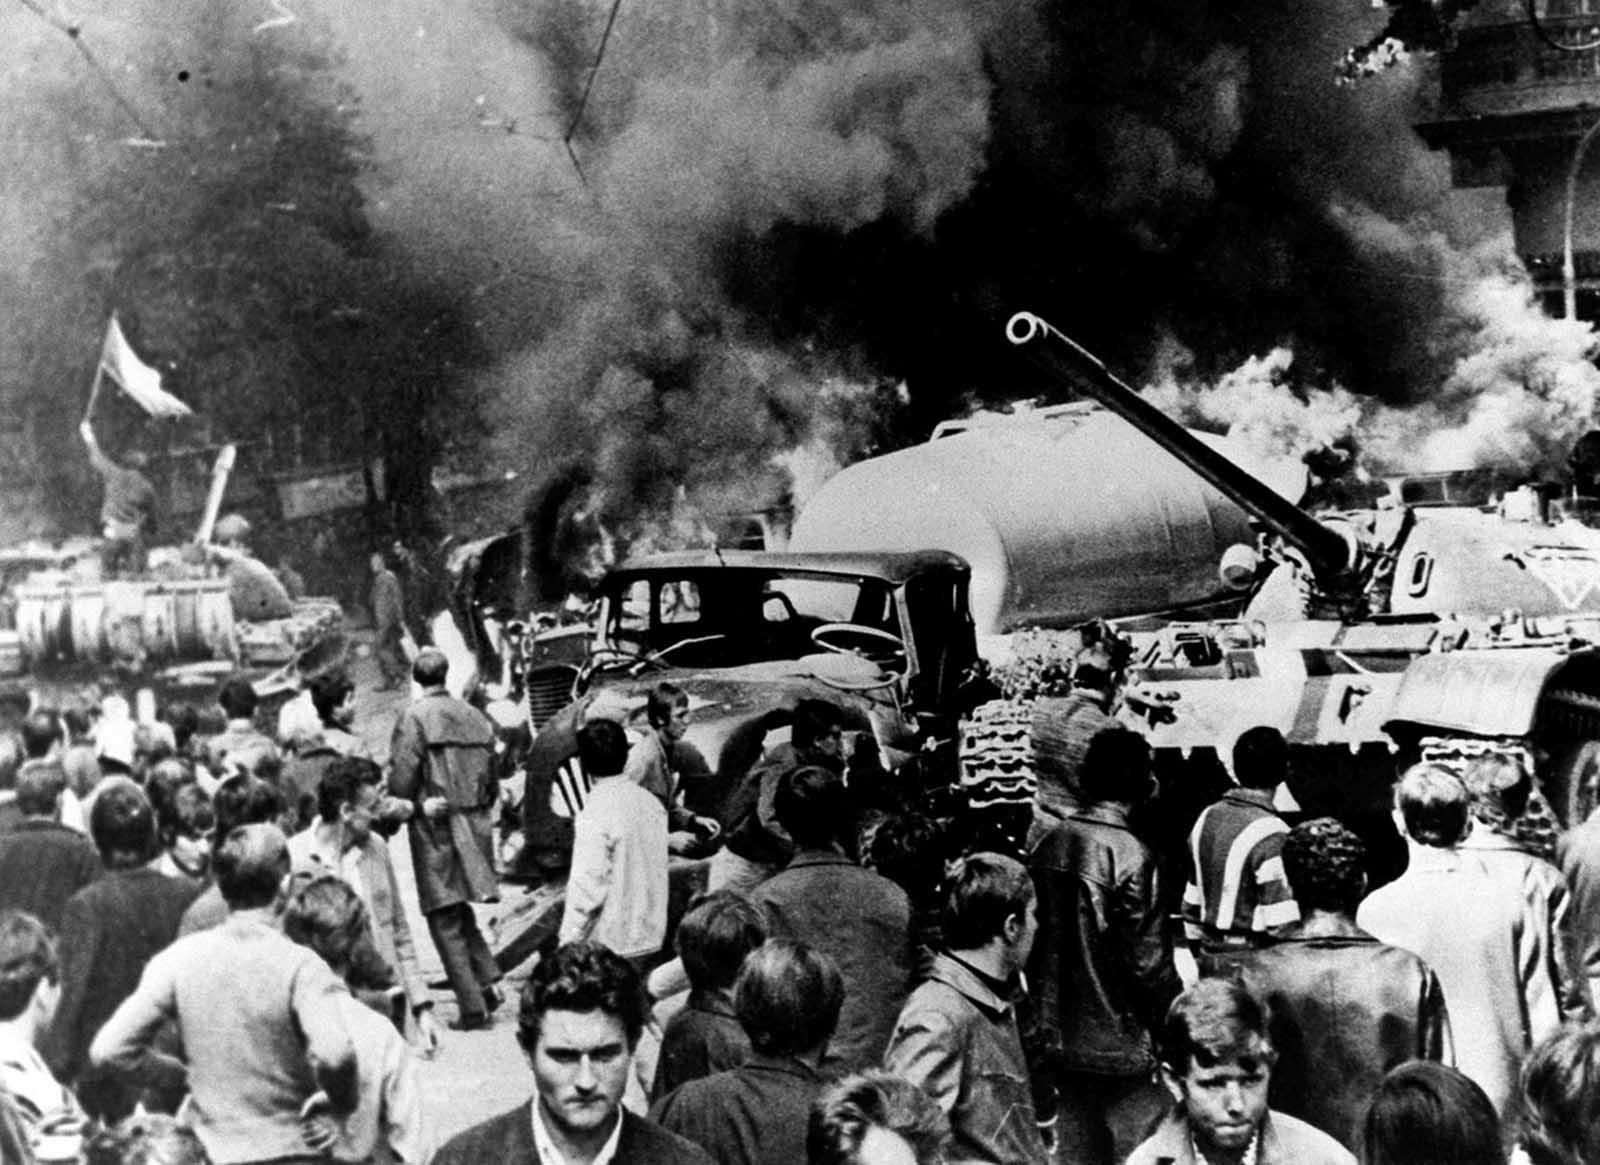 Un tanque soviético, vehículos en llamas y ciudadanos malhumorados se ven en Praga el 21 de agosto de 1968, cuando las tropas soviéticas entraron en la capital checoslovaca.